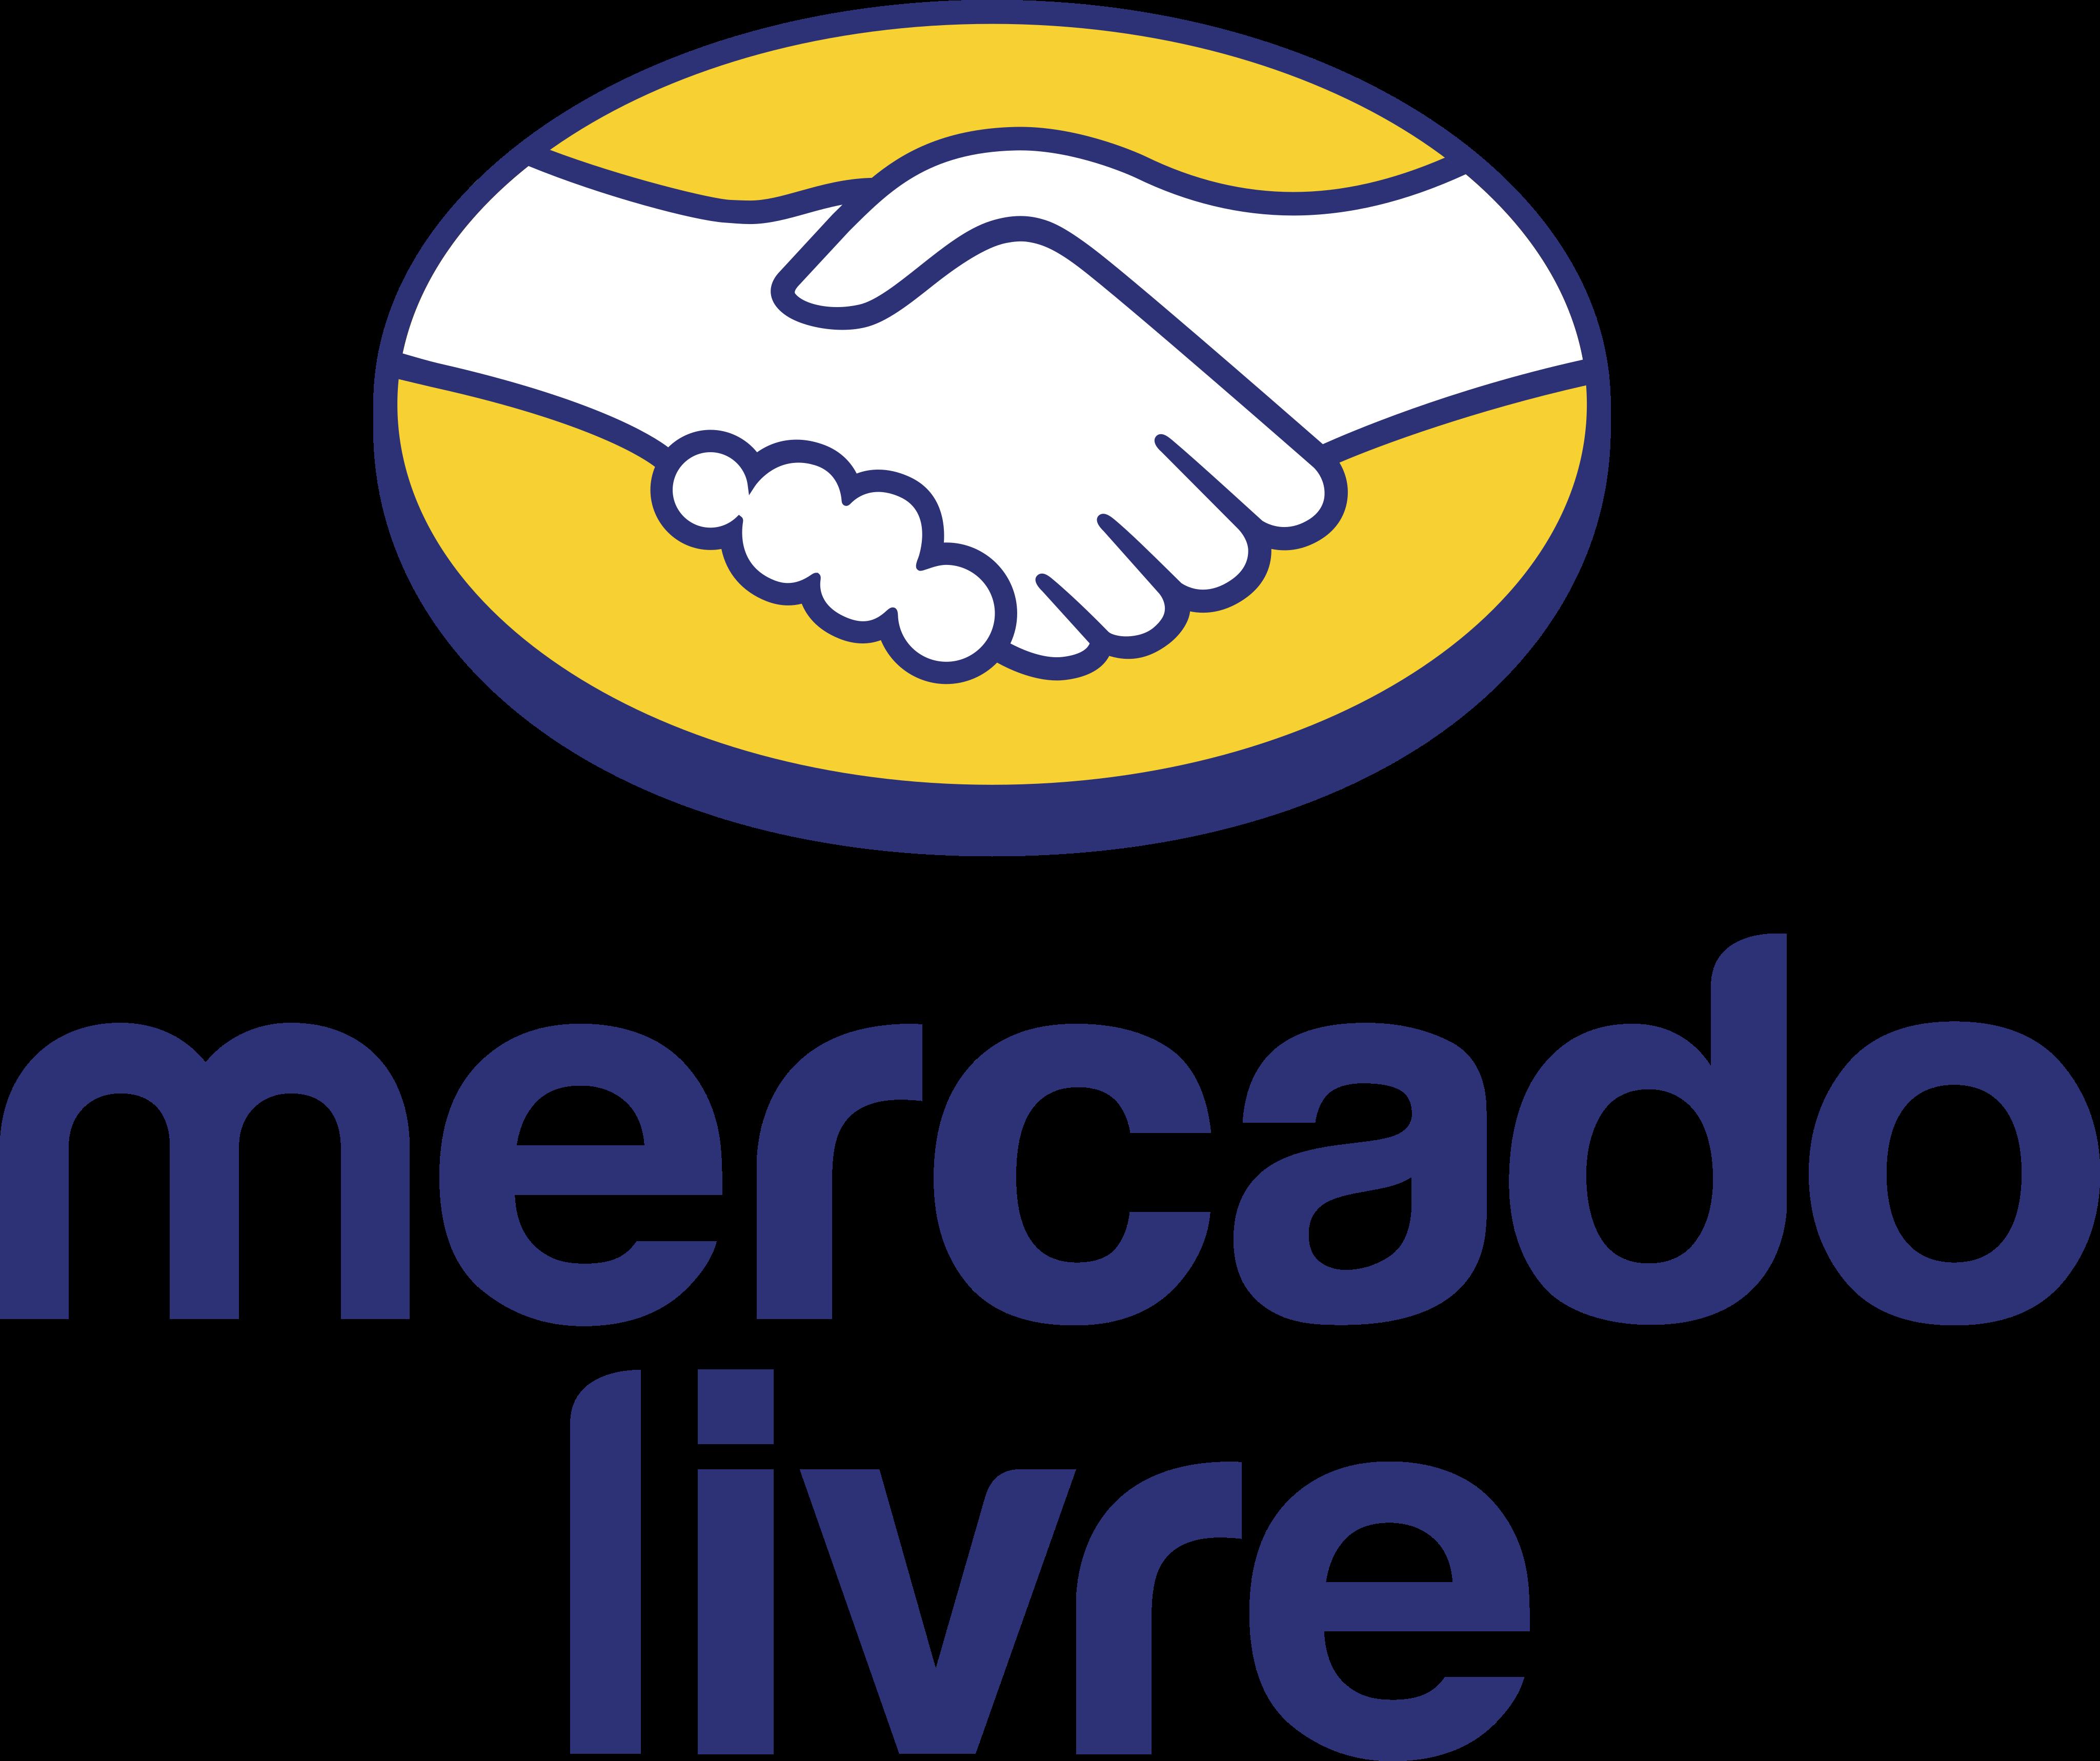 mercado livre logo 1 1 - Mercado Livre Logo